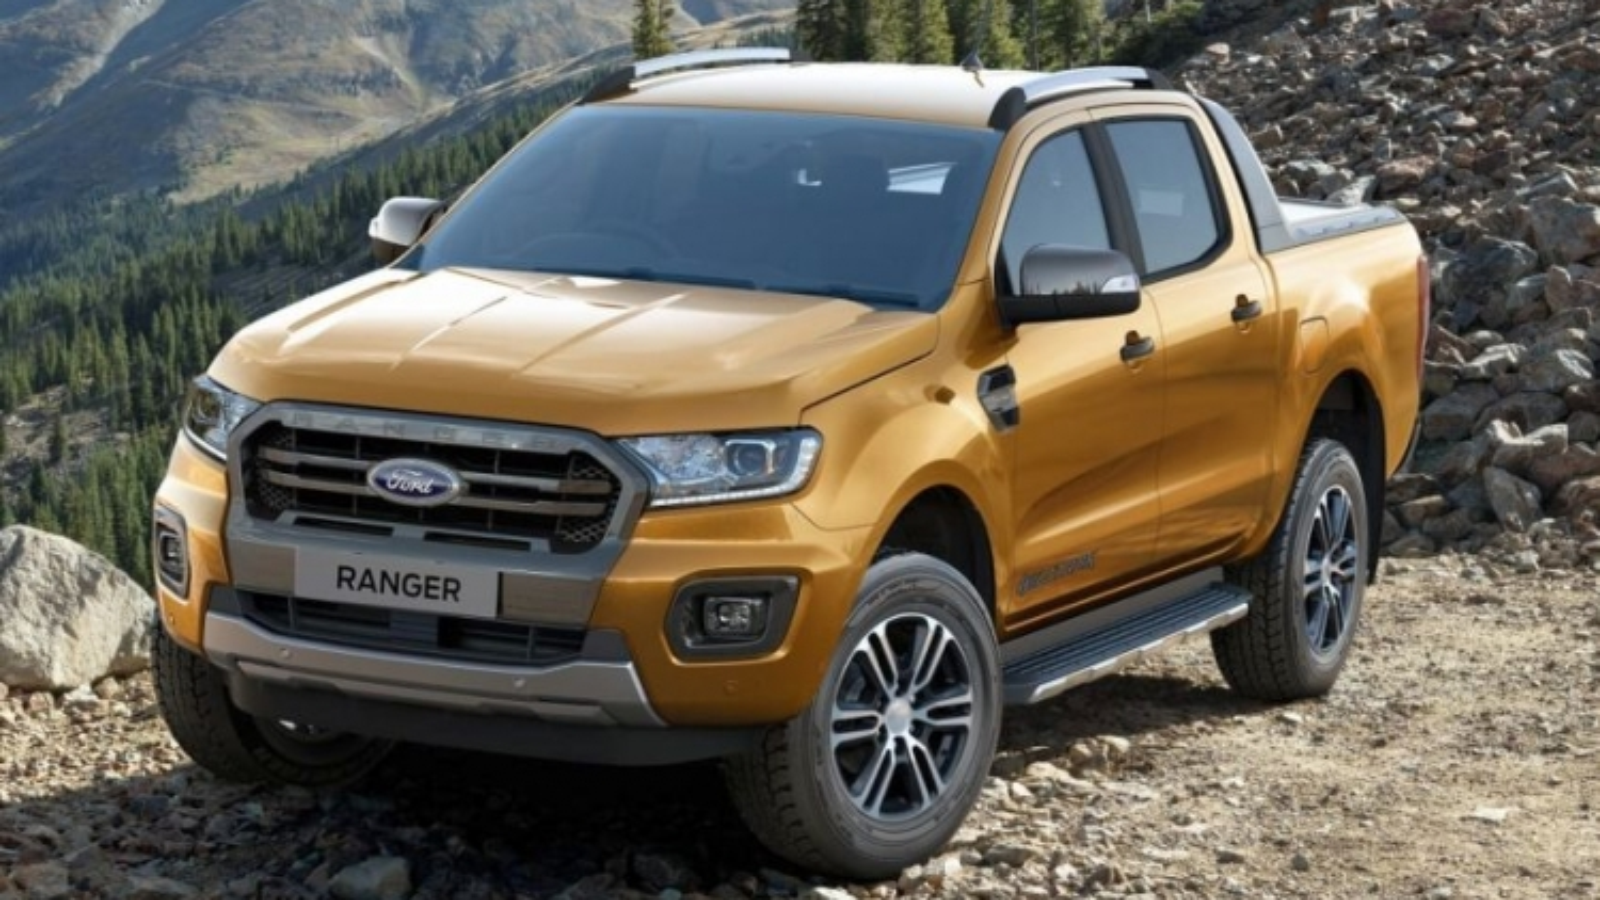 Khám phá Ford Ranger Wildtrak 4x4 2020